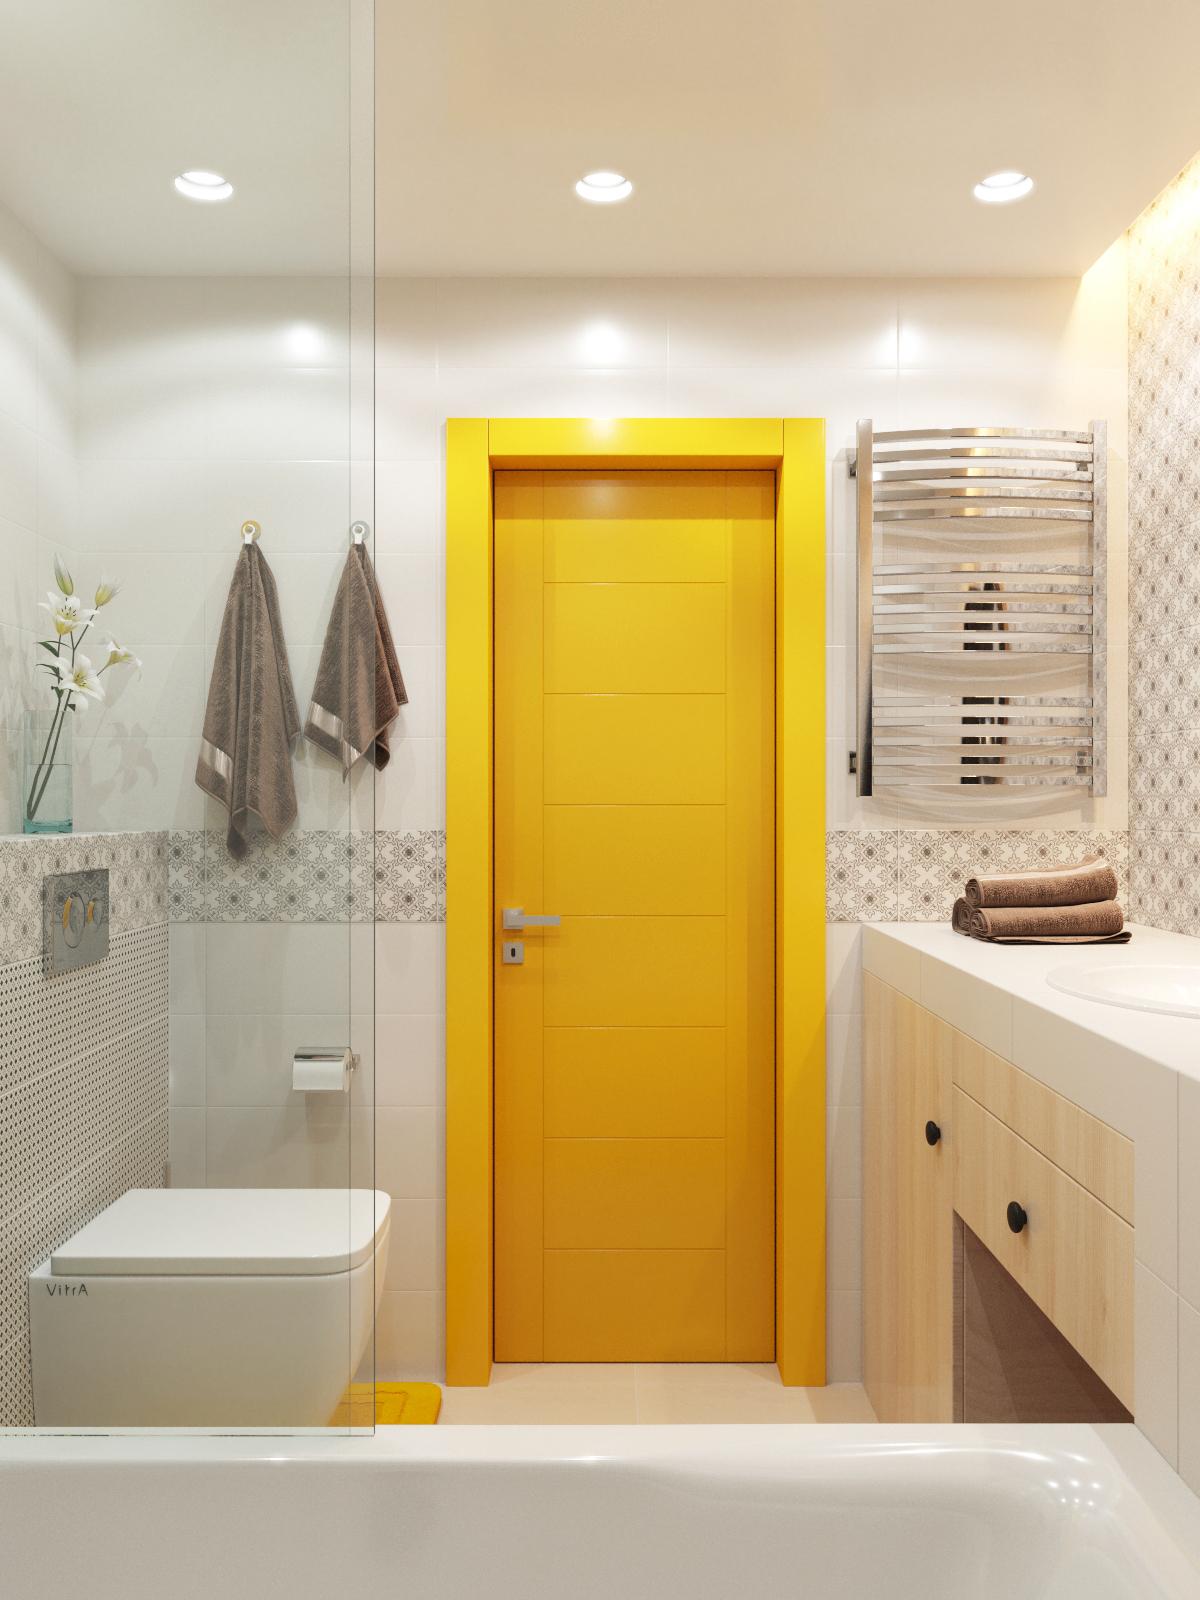 Интерьер ванной комнаты и санузла фото.